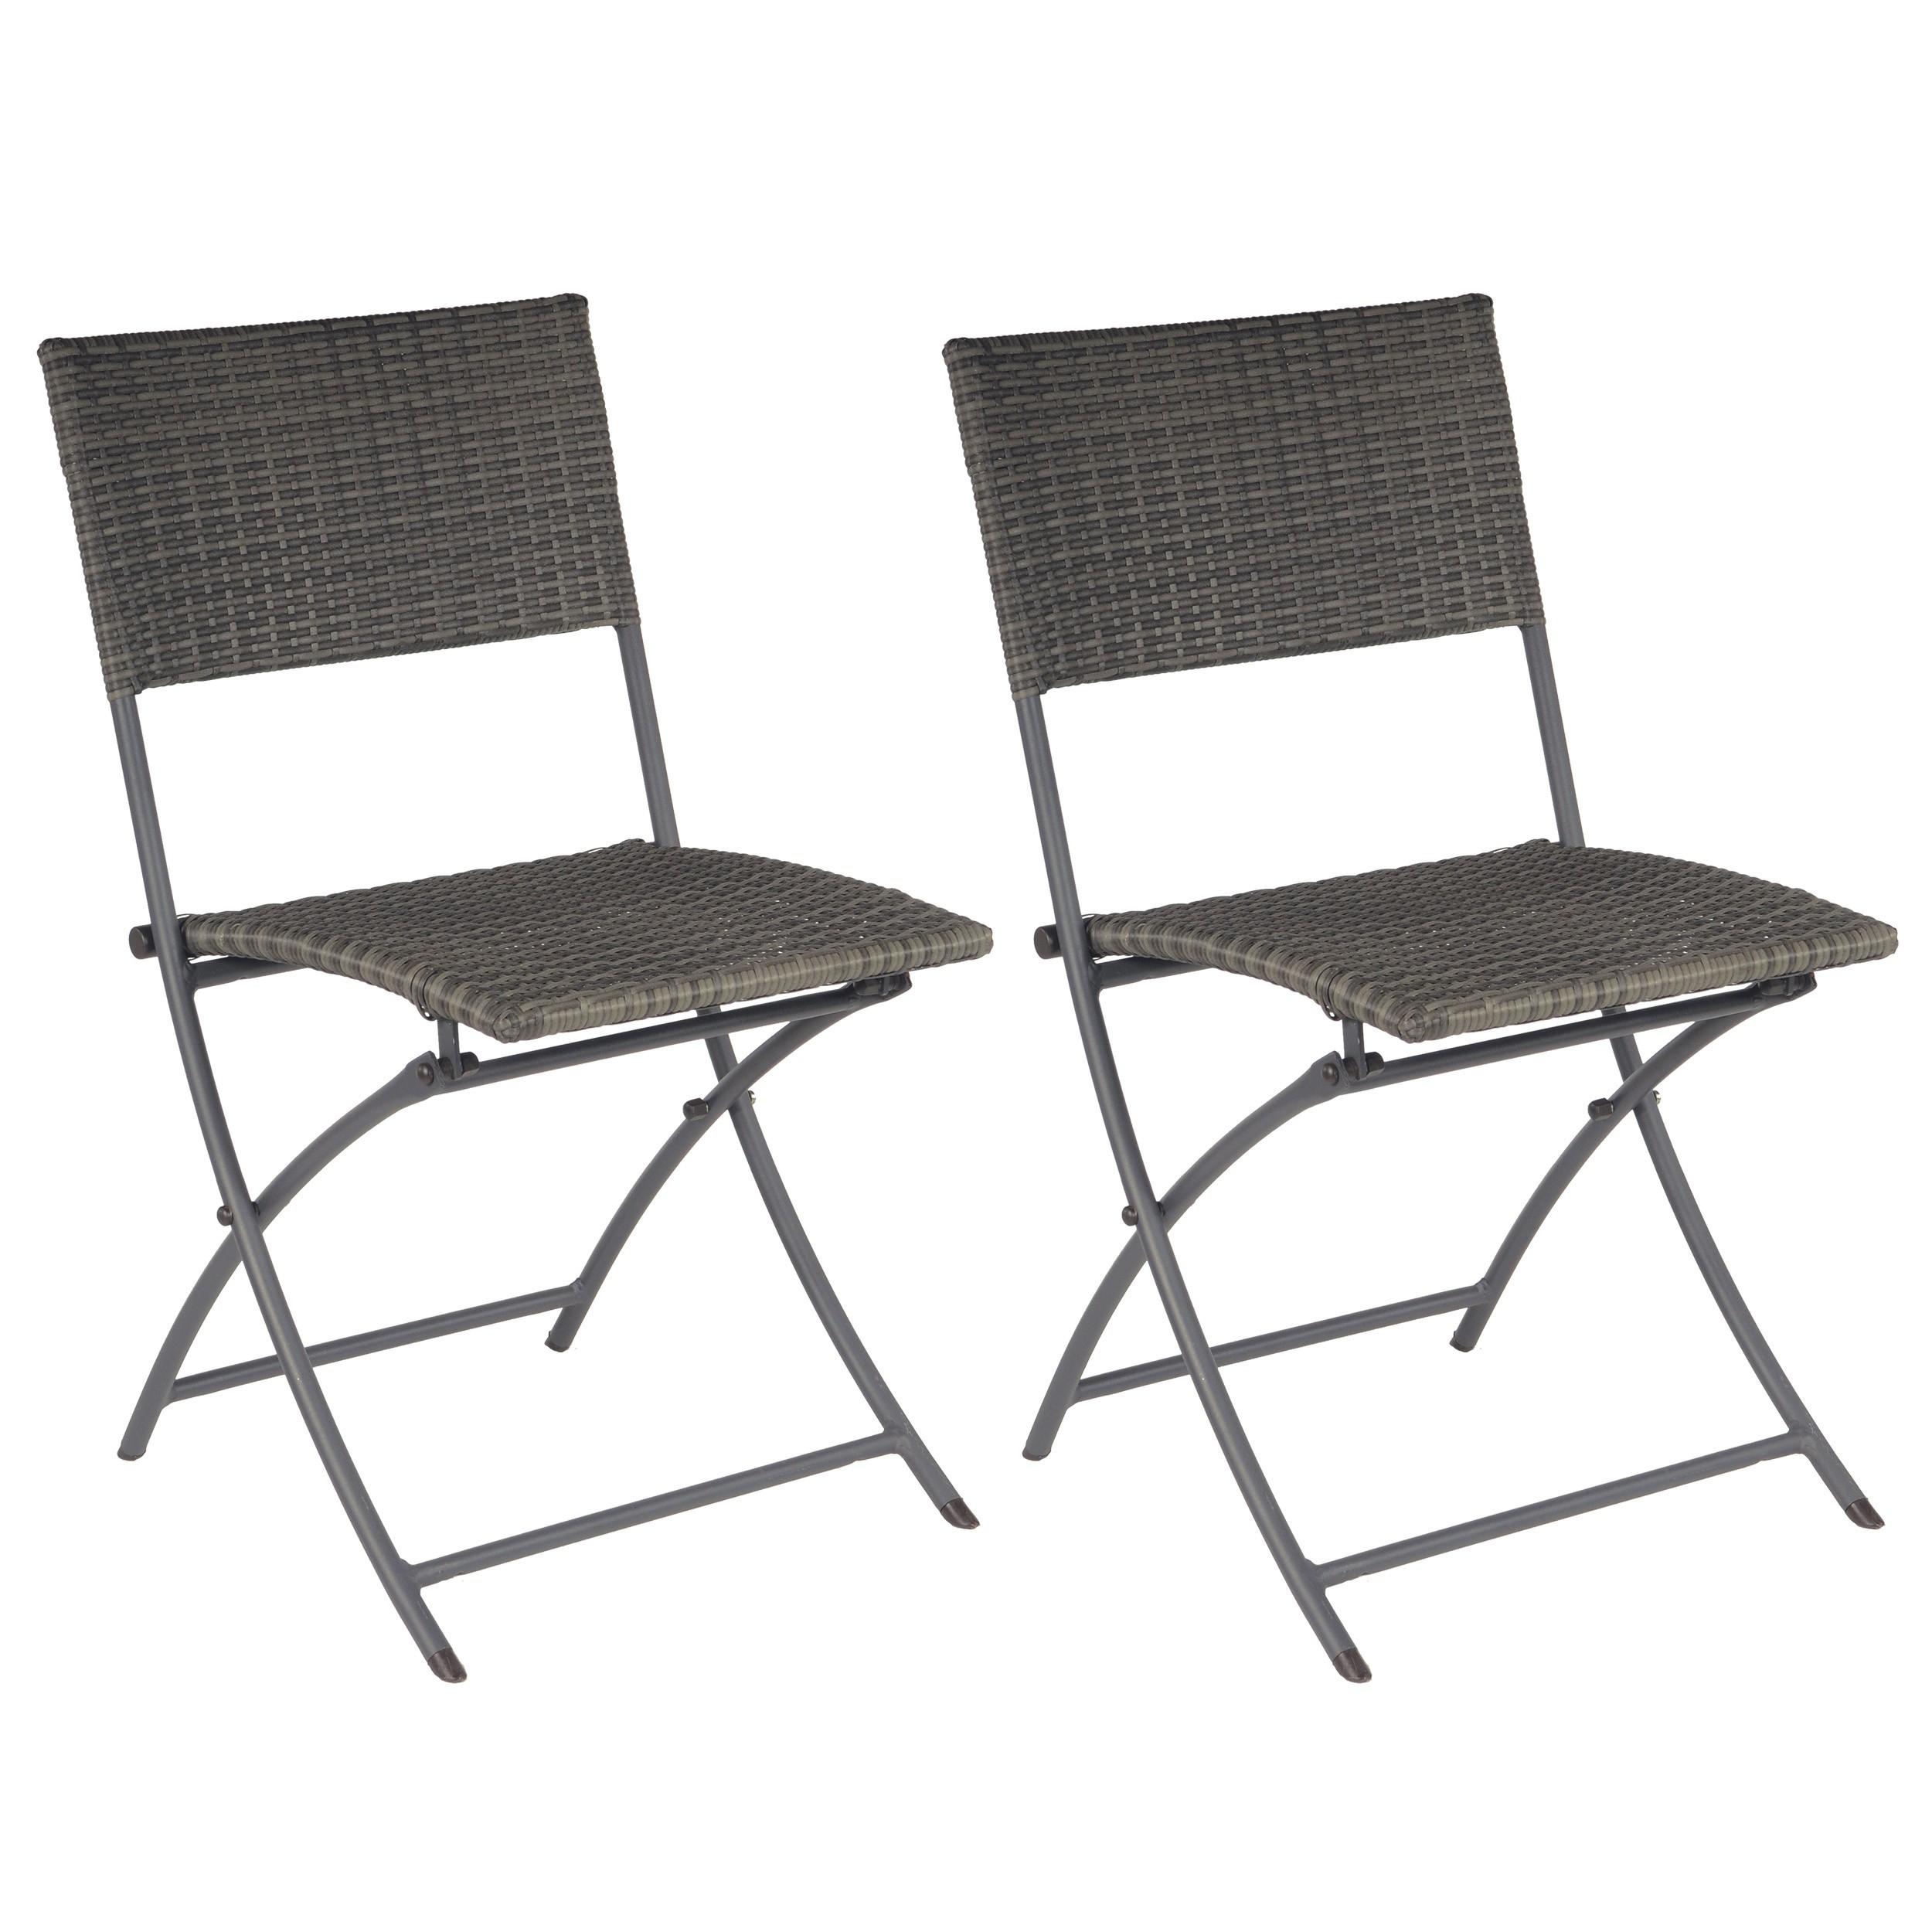 Chaise de jardin Zanzibar grise lot de 2 achetez nos